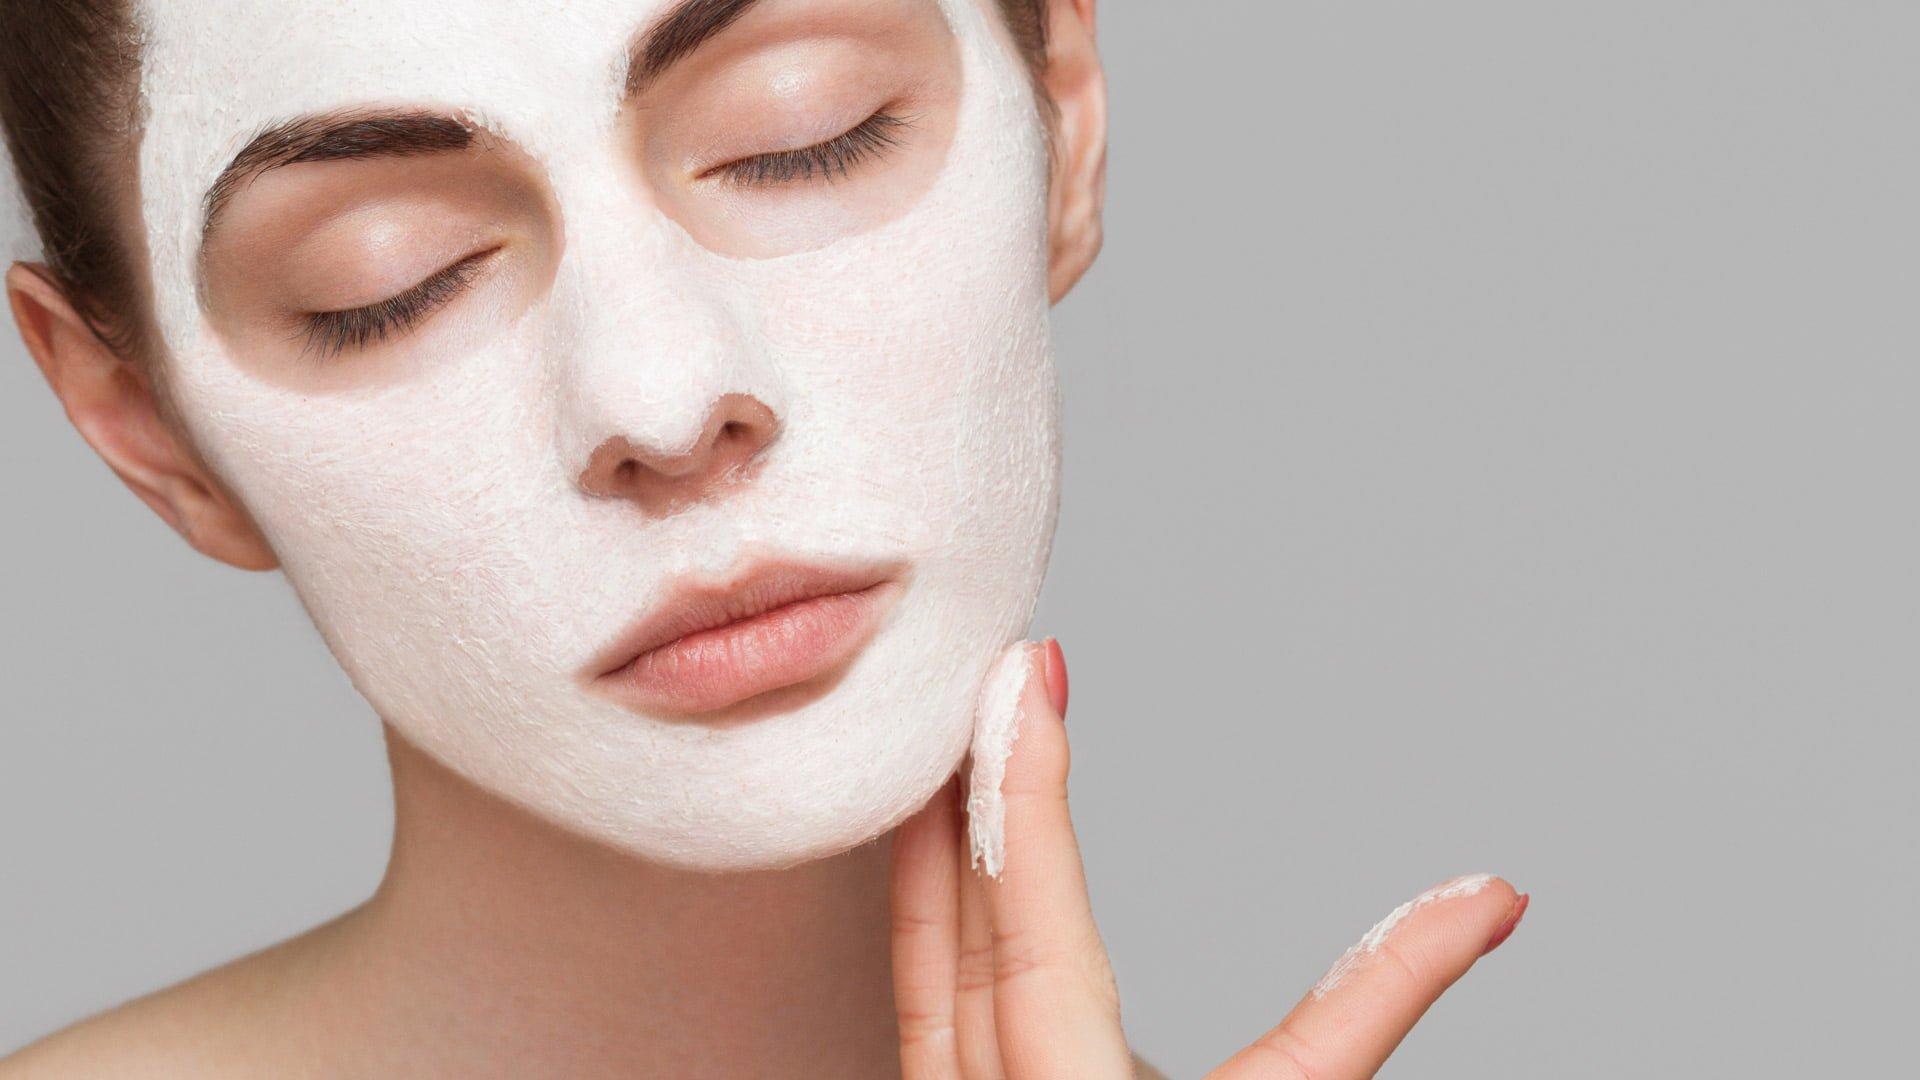 5 راه پیشنهادی ساده برای درست کردن ماسک صورت خانگی